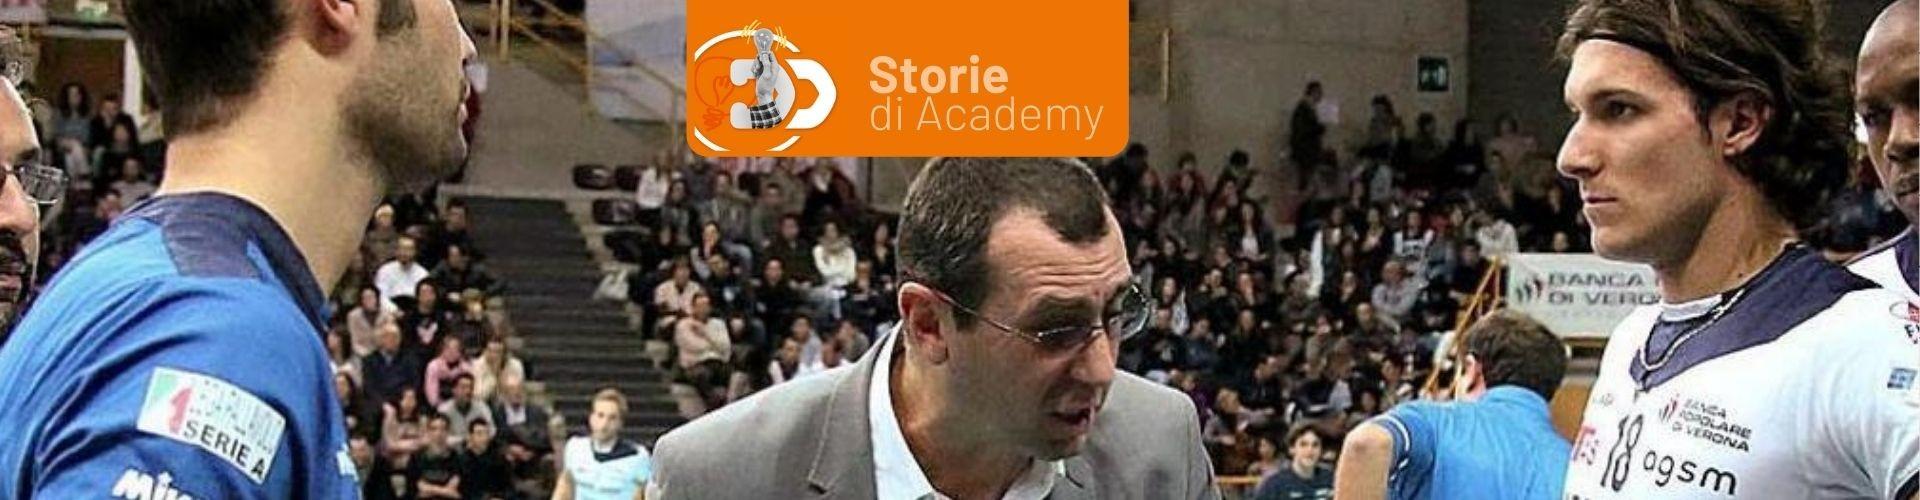 Bruno Bagnoli<br> Sport e aziende: motivazione, impegno e rispetto per vincere tutti insieme